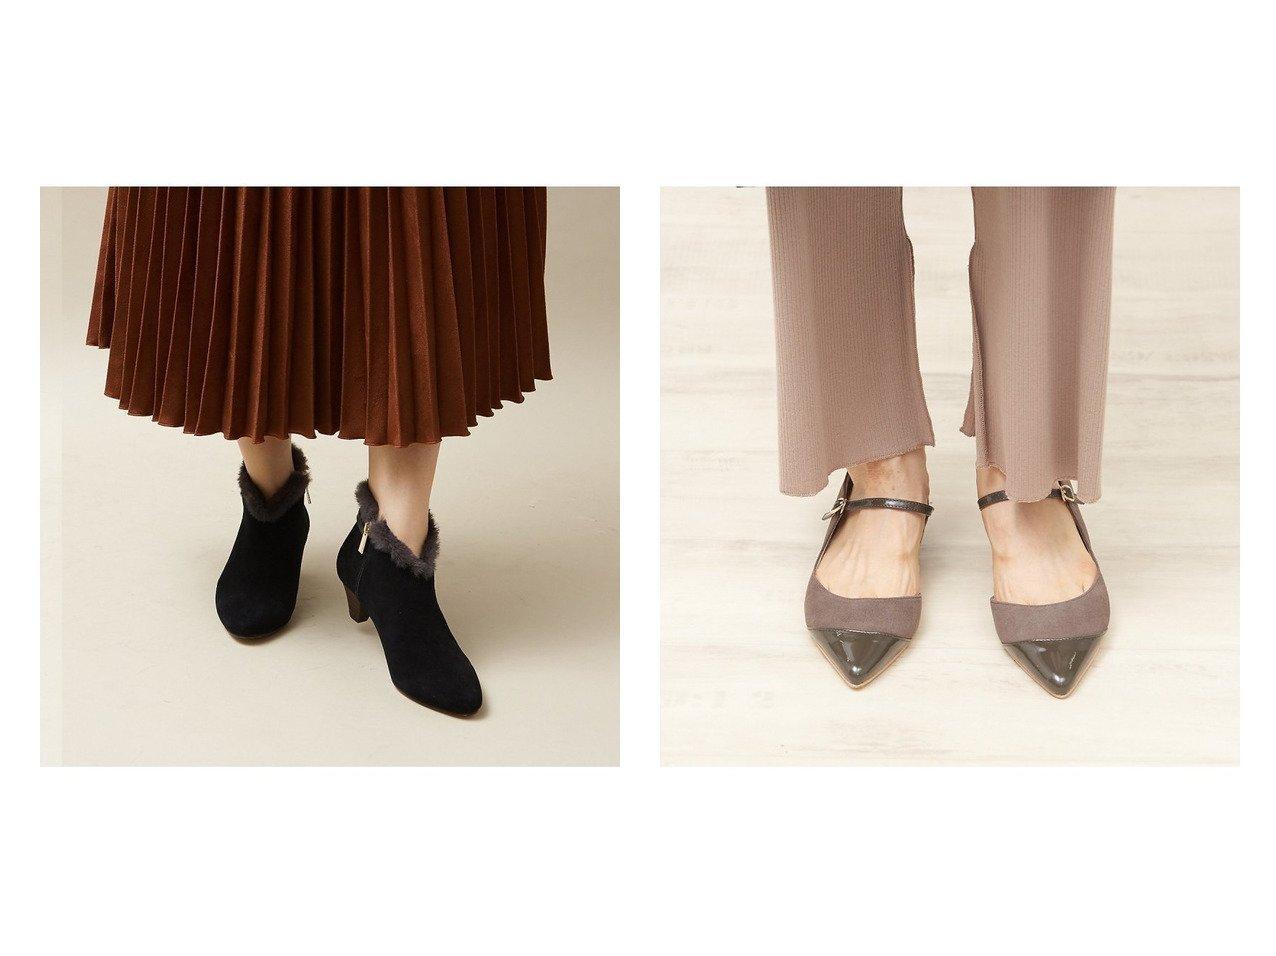 【Au BANNISTER/オゥ バニスター】のストラップパンプス&ポインテッドファーブーツ シューズ・靴のおすすめ!人気、トレンド・レディースファッションの通販  おすすめで人気の流行・トレンド、ファッションの通販商品 メンズファッション・キッズファッション・インテリア・家具・レディースファッション・服の通販 founy(ファニー) https://founy.com/ ファッション Fashion レディースファッション WOMEN A/W 秋冬 AW Autumn/Winter / FW Fall-Winter エレガント シューズ ショート ジップ ベーシック ストラップパンプス スマート チェック レオパード |ID:crp329100000019275